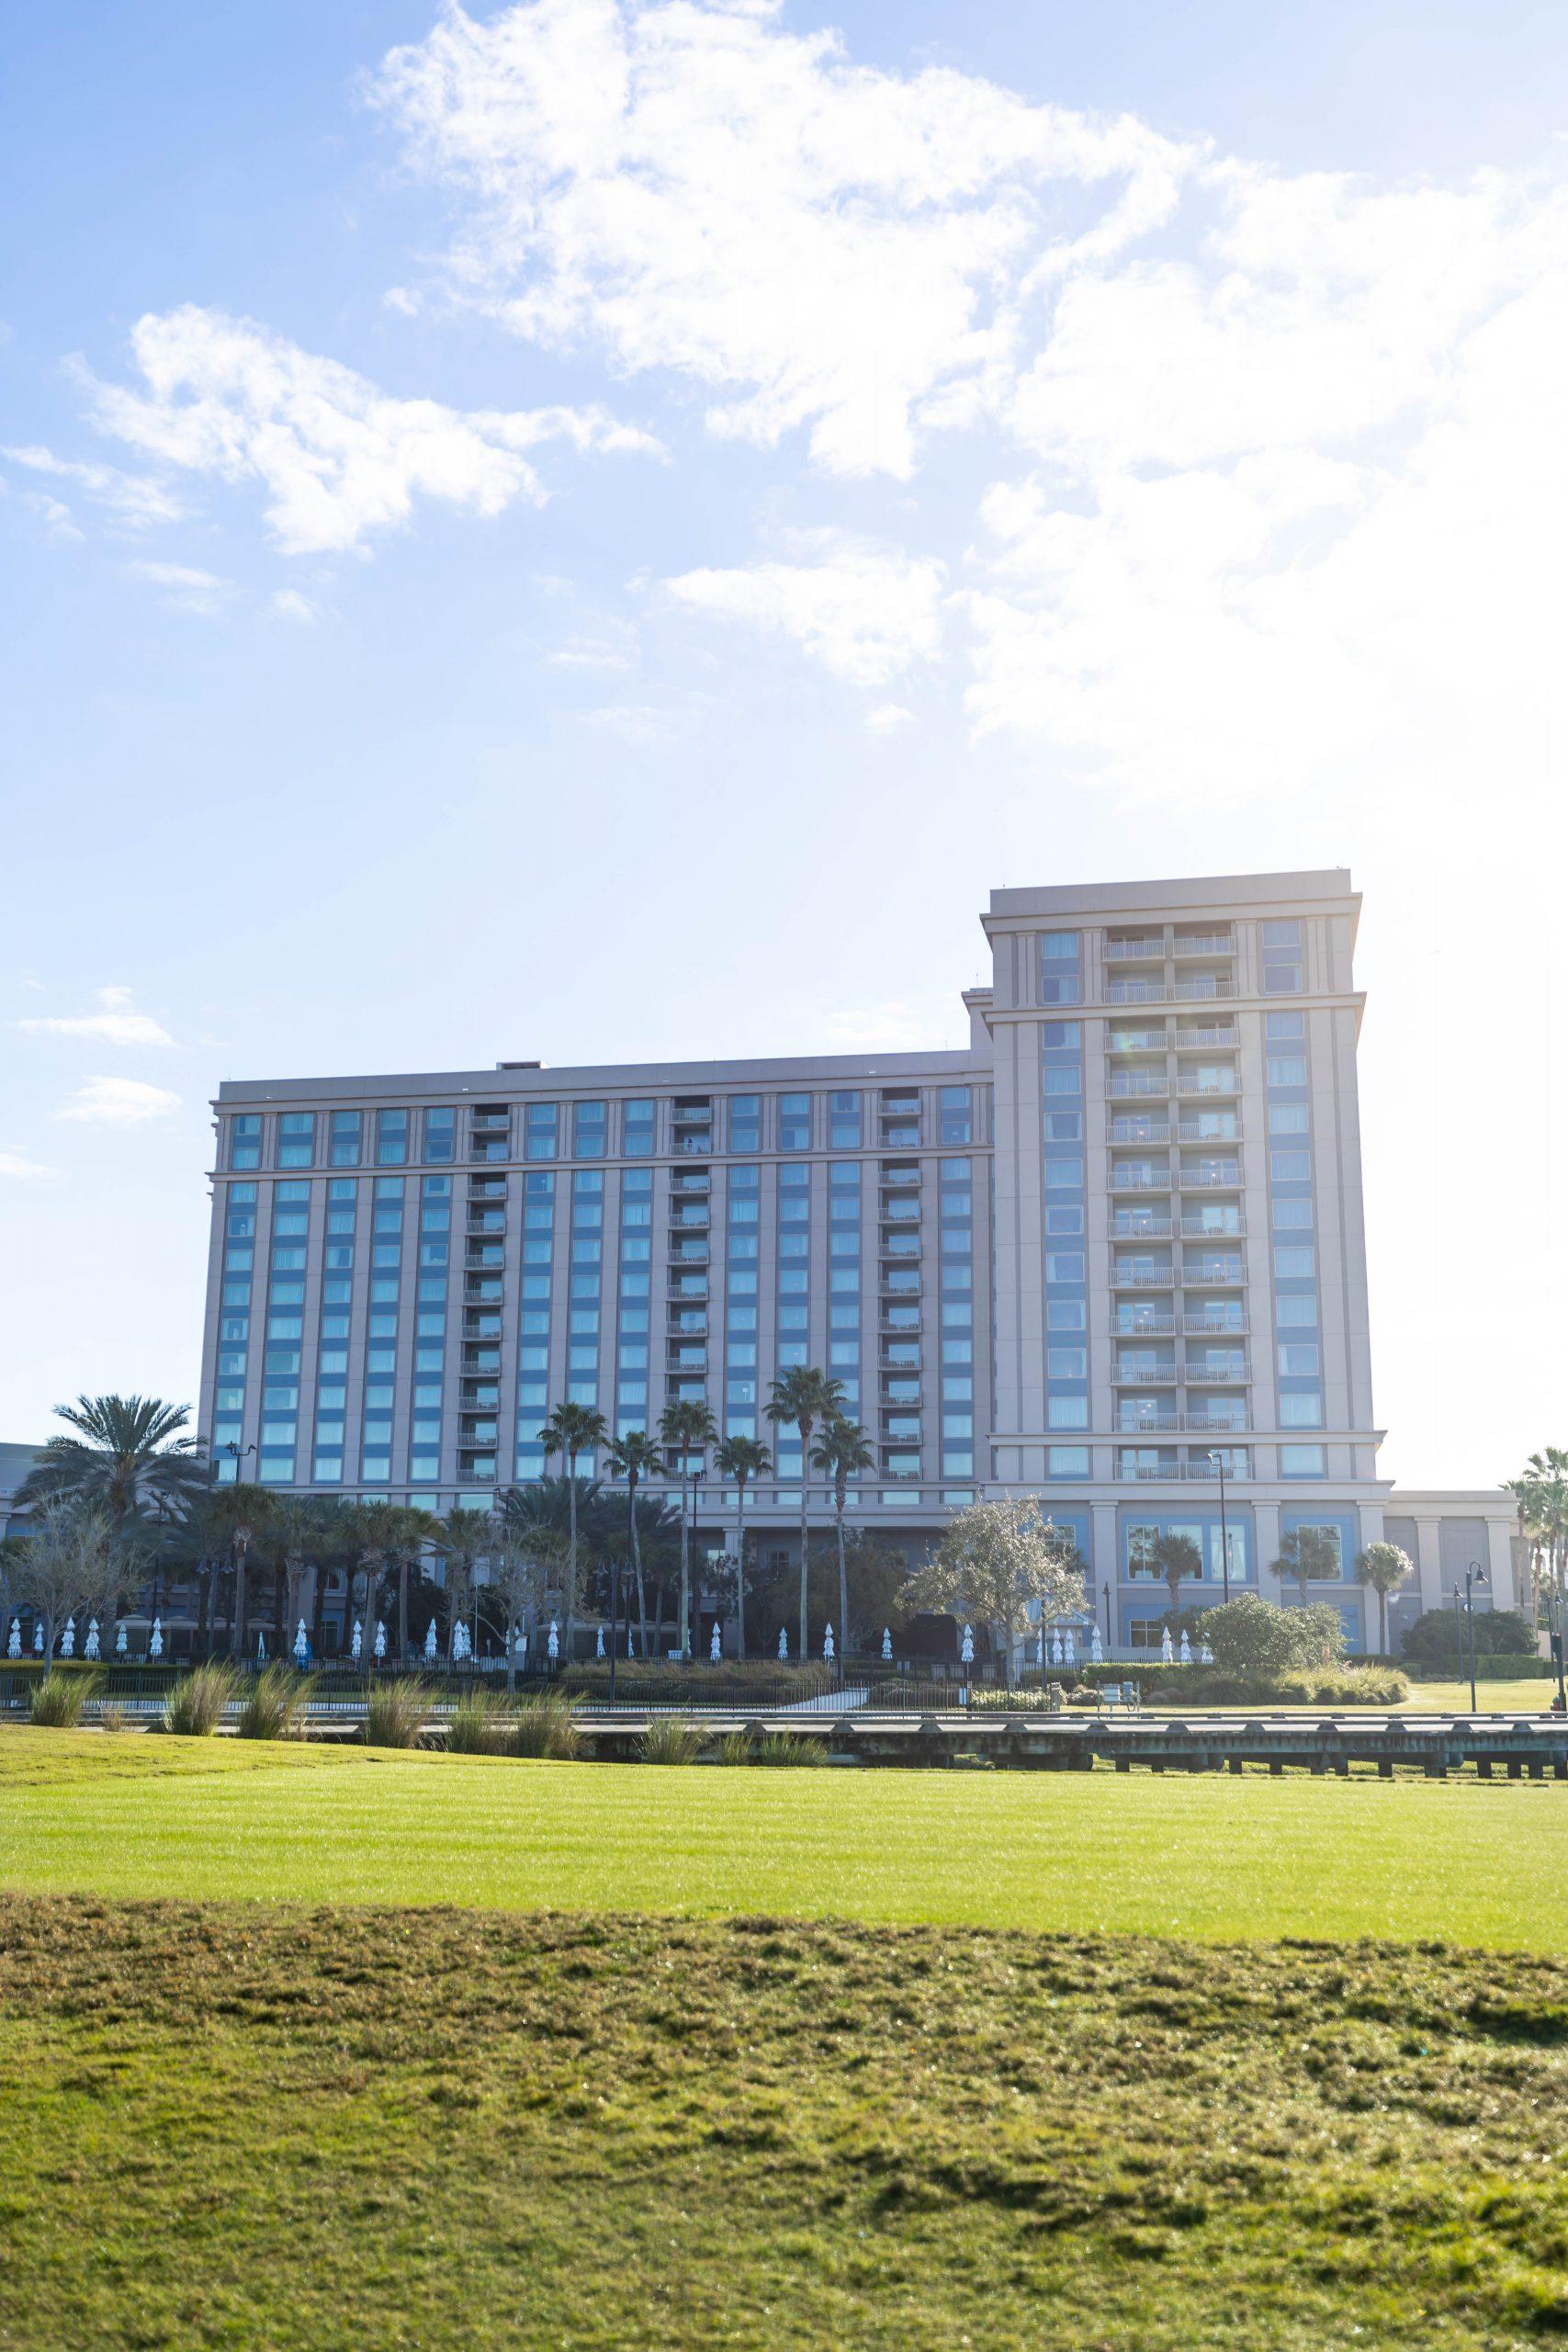 Waldorf Astoria Orlando Florida Luxury Hotels of the World Best Hotels Near Walt Disney World by Annie Fairfax